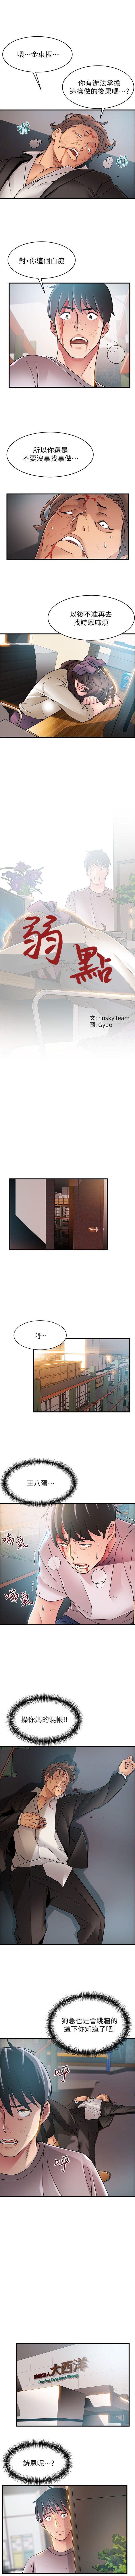 弱点 1-64 中文翻译(更新中) 179